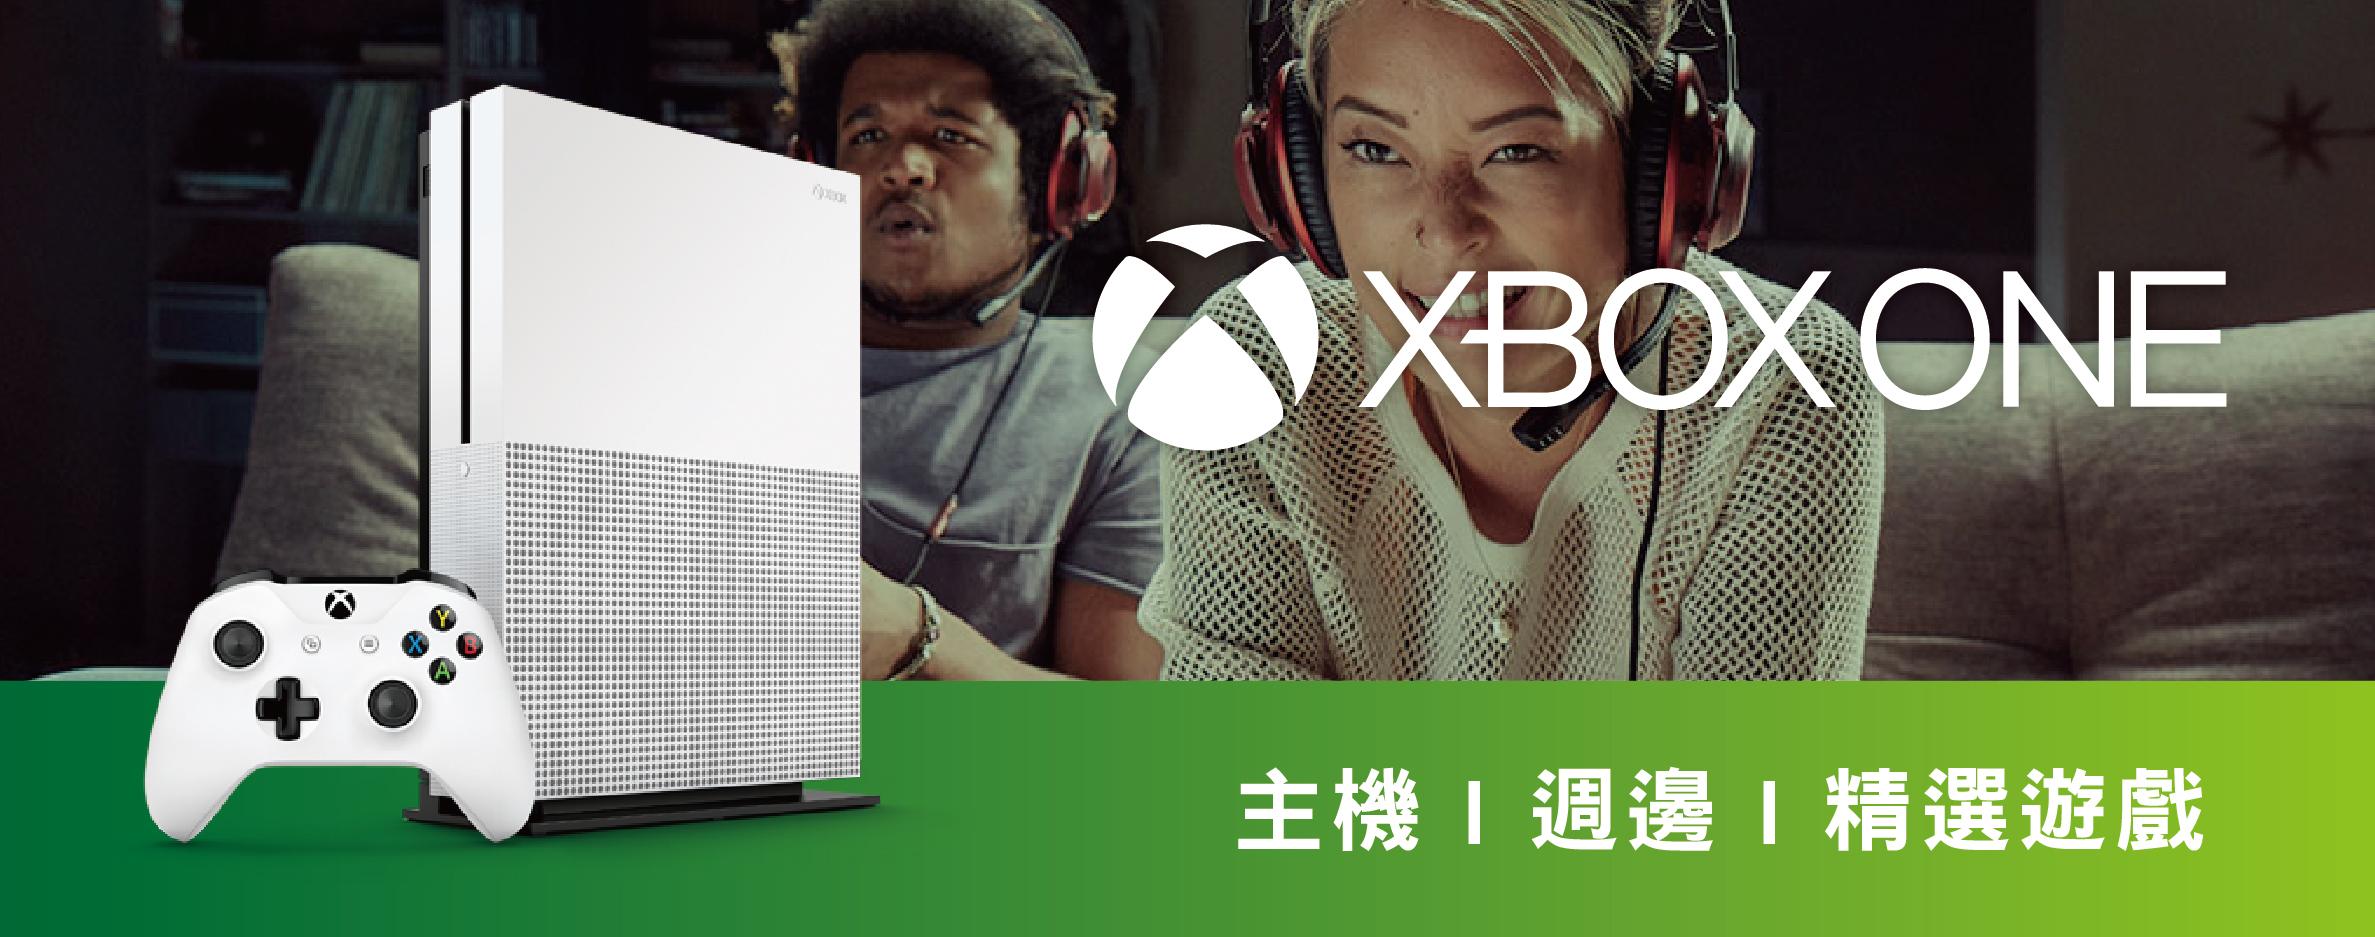 XBOX ONE 週邊/遊戲 - 茶米電玩品牌名店